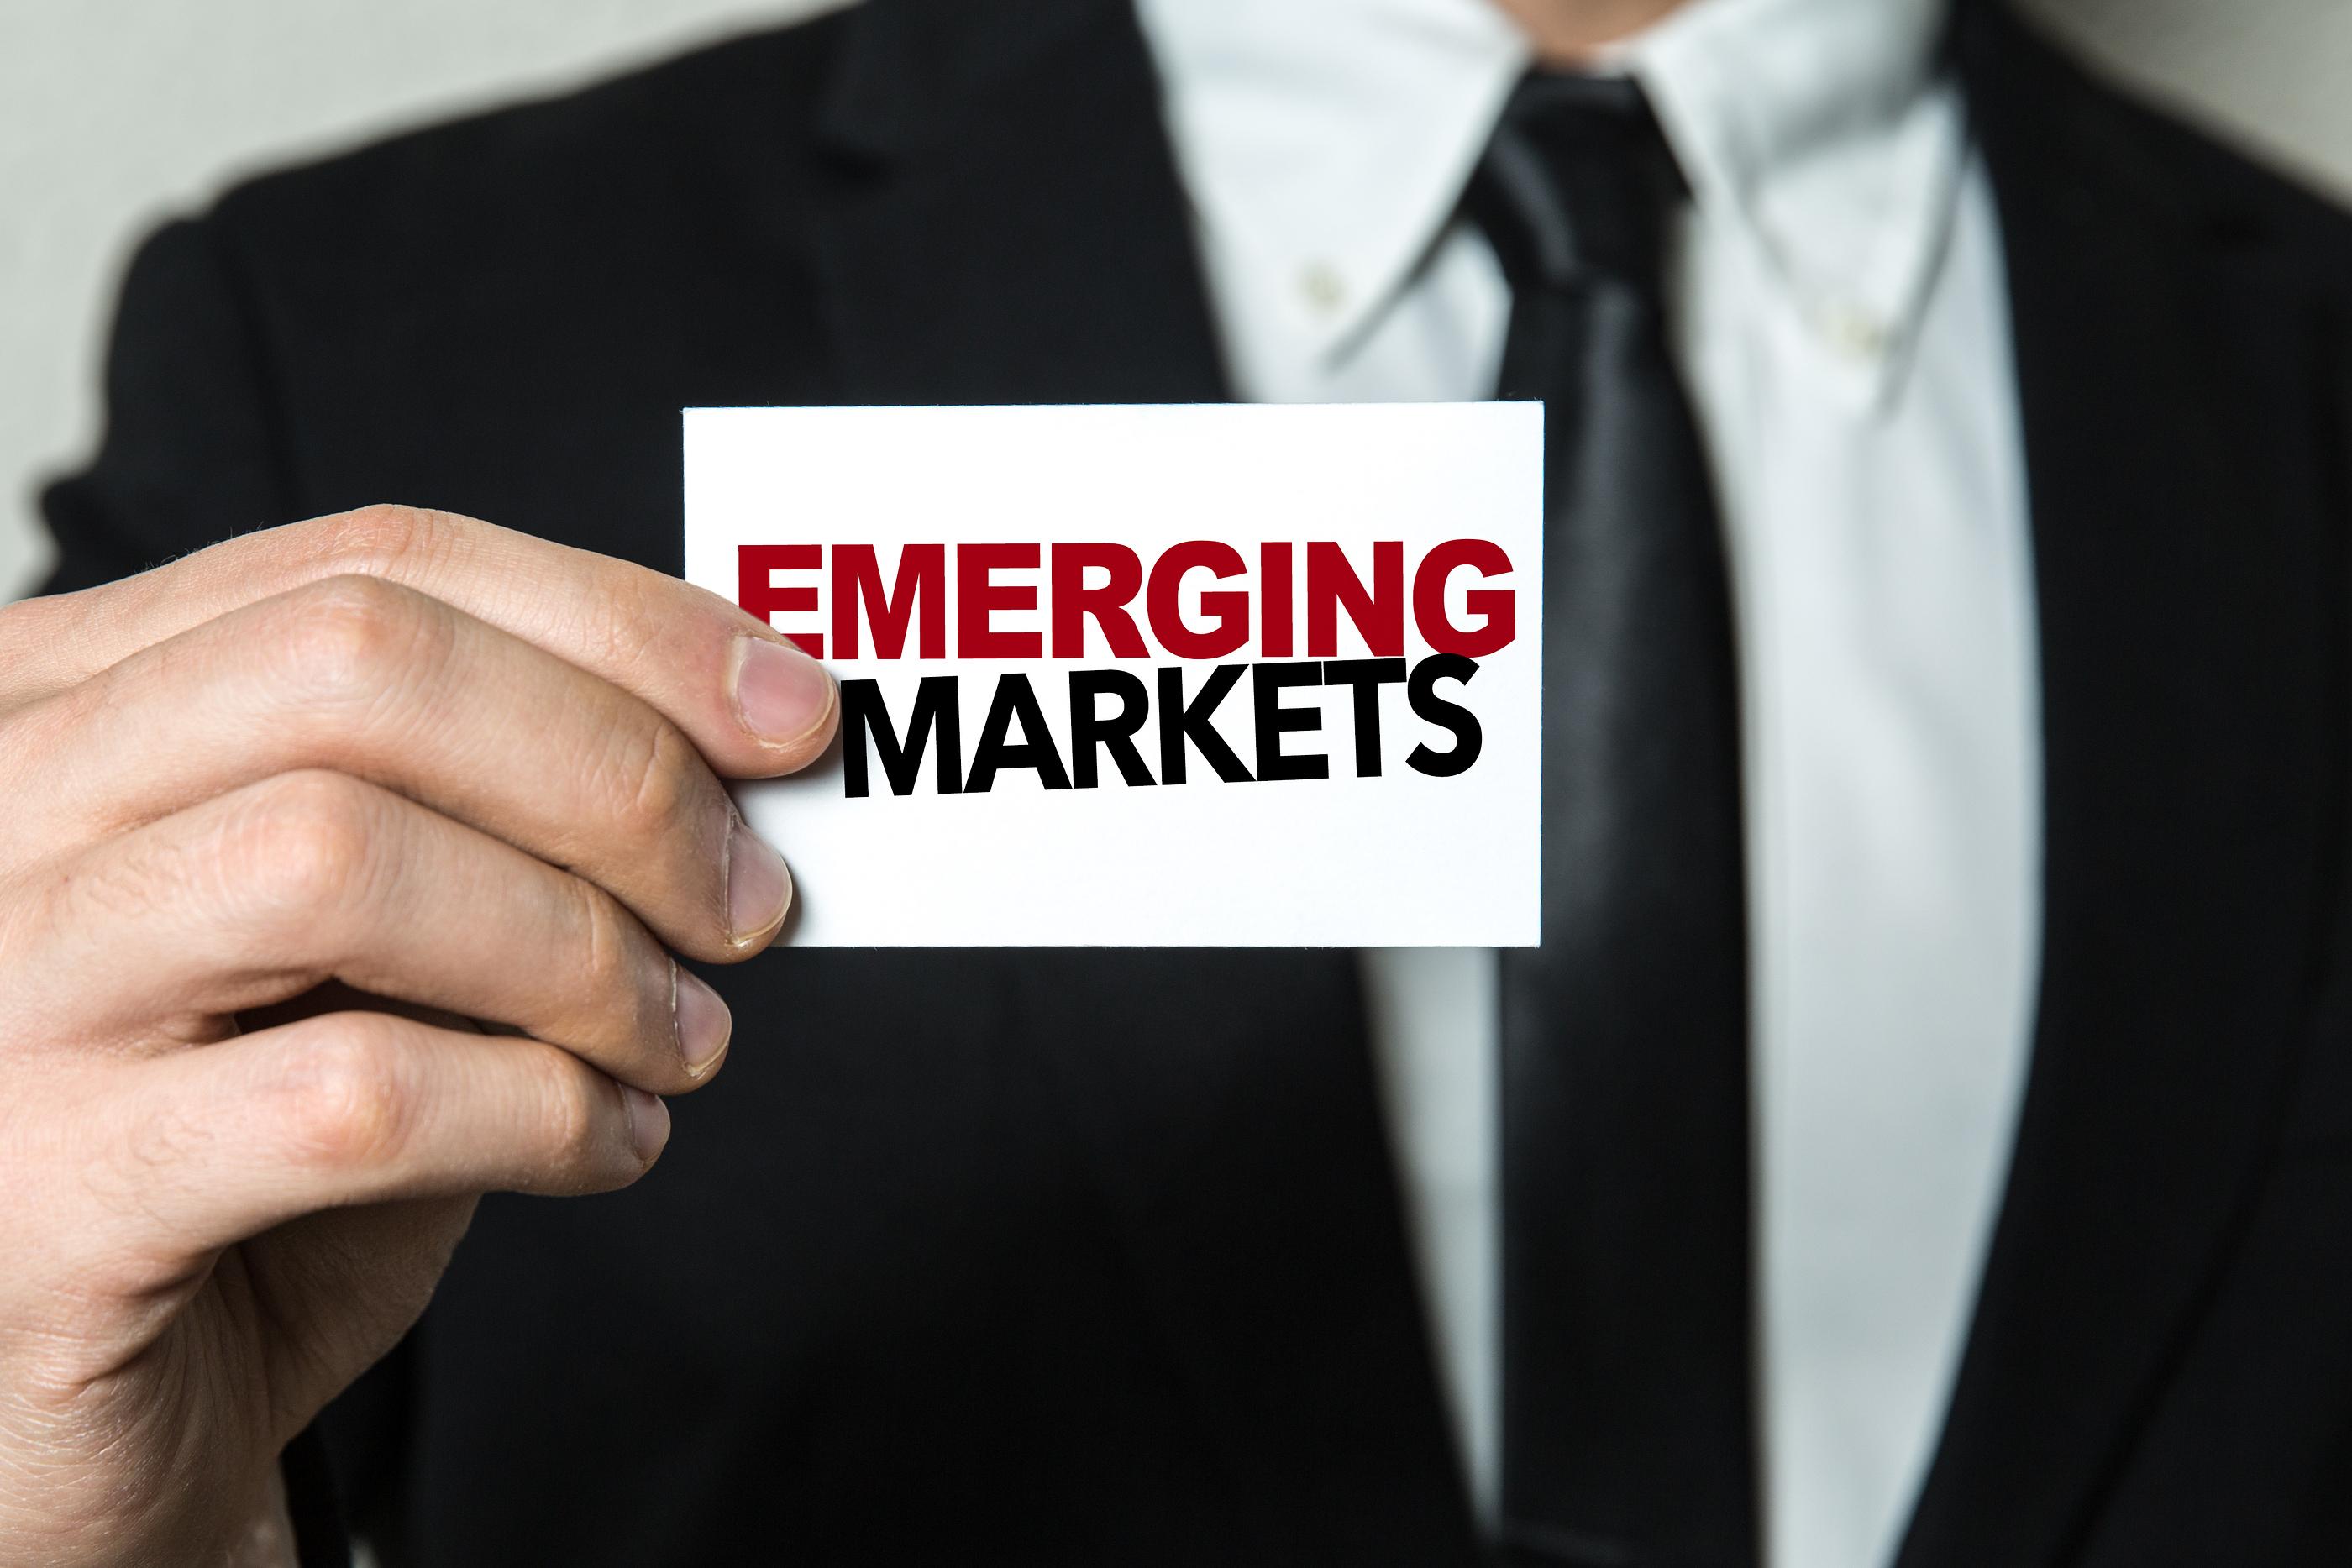 El eCommerce crecerá un 12% gracias al empuje de los emergentes